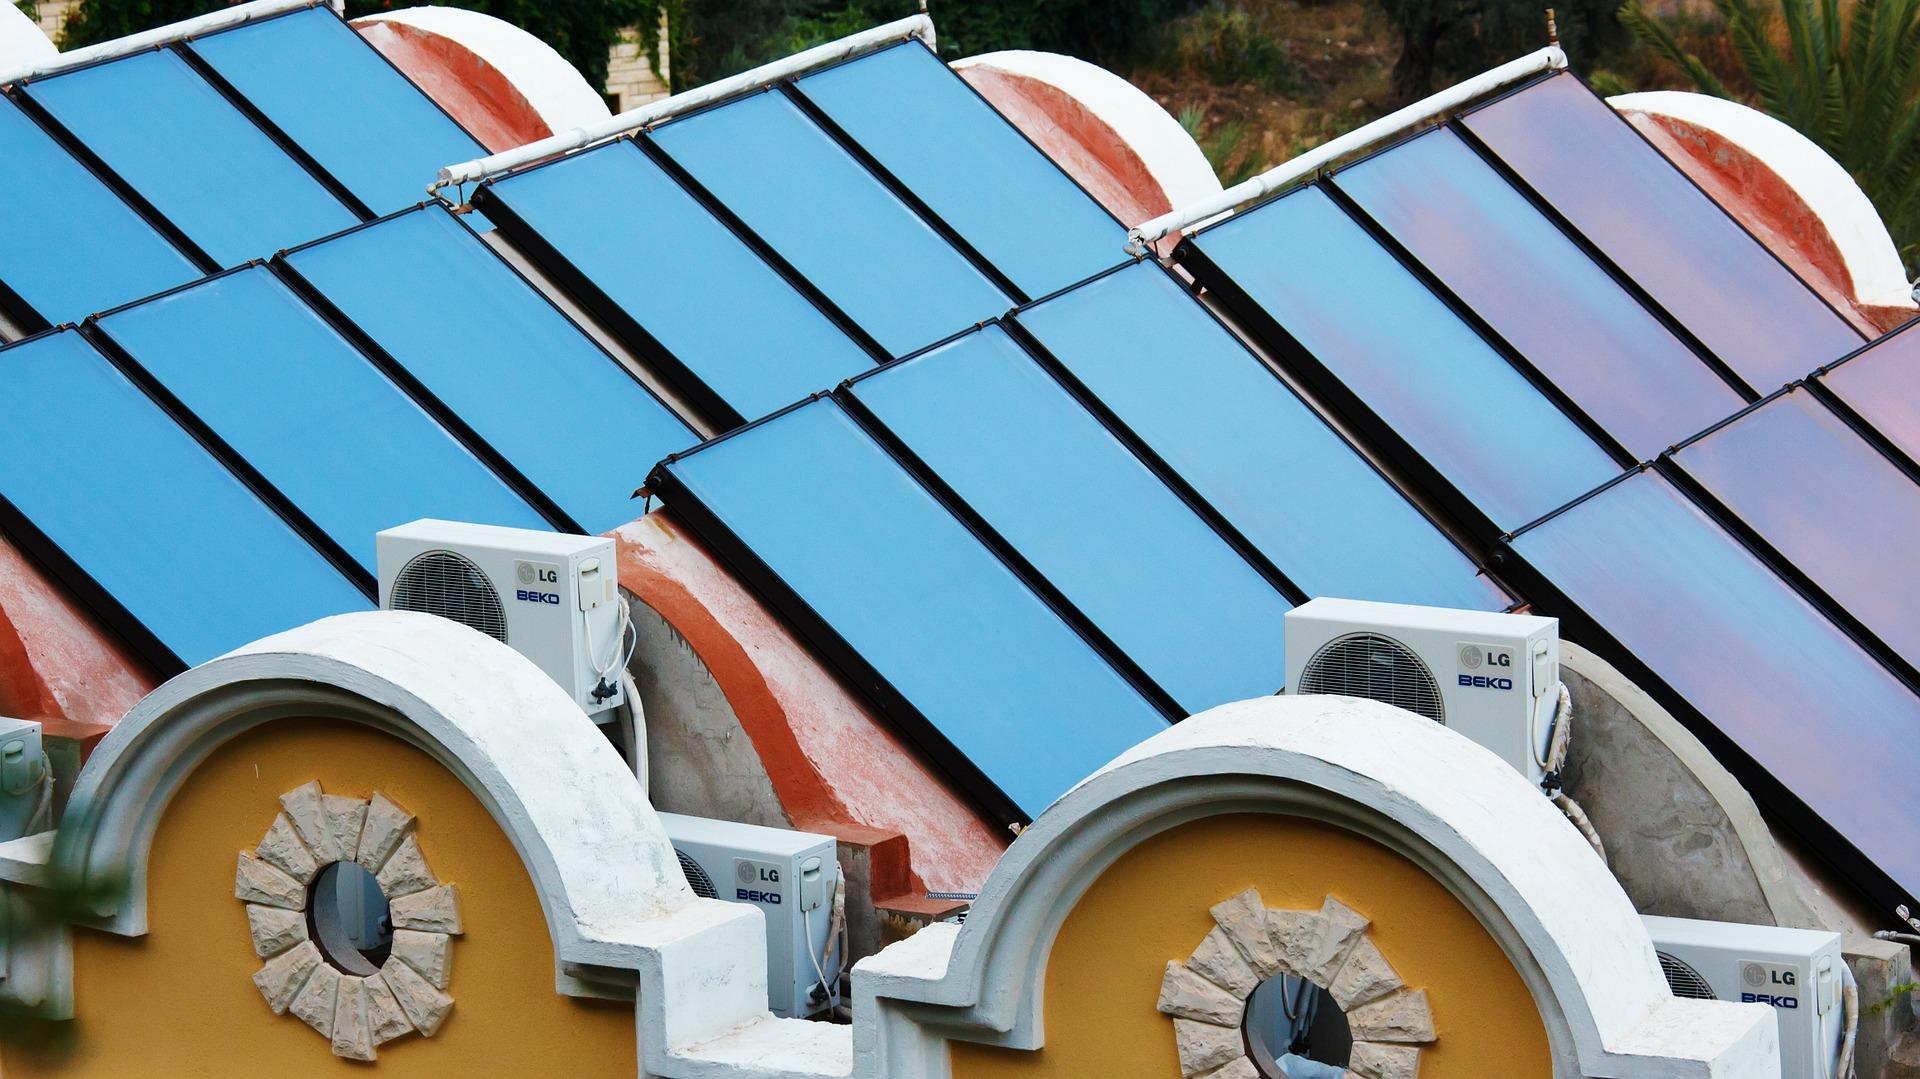 Entwurf unter Verschluss: Kommt bald eine Solarpflicht für Neubauten?